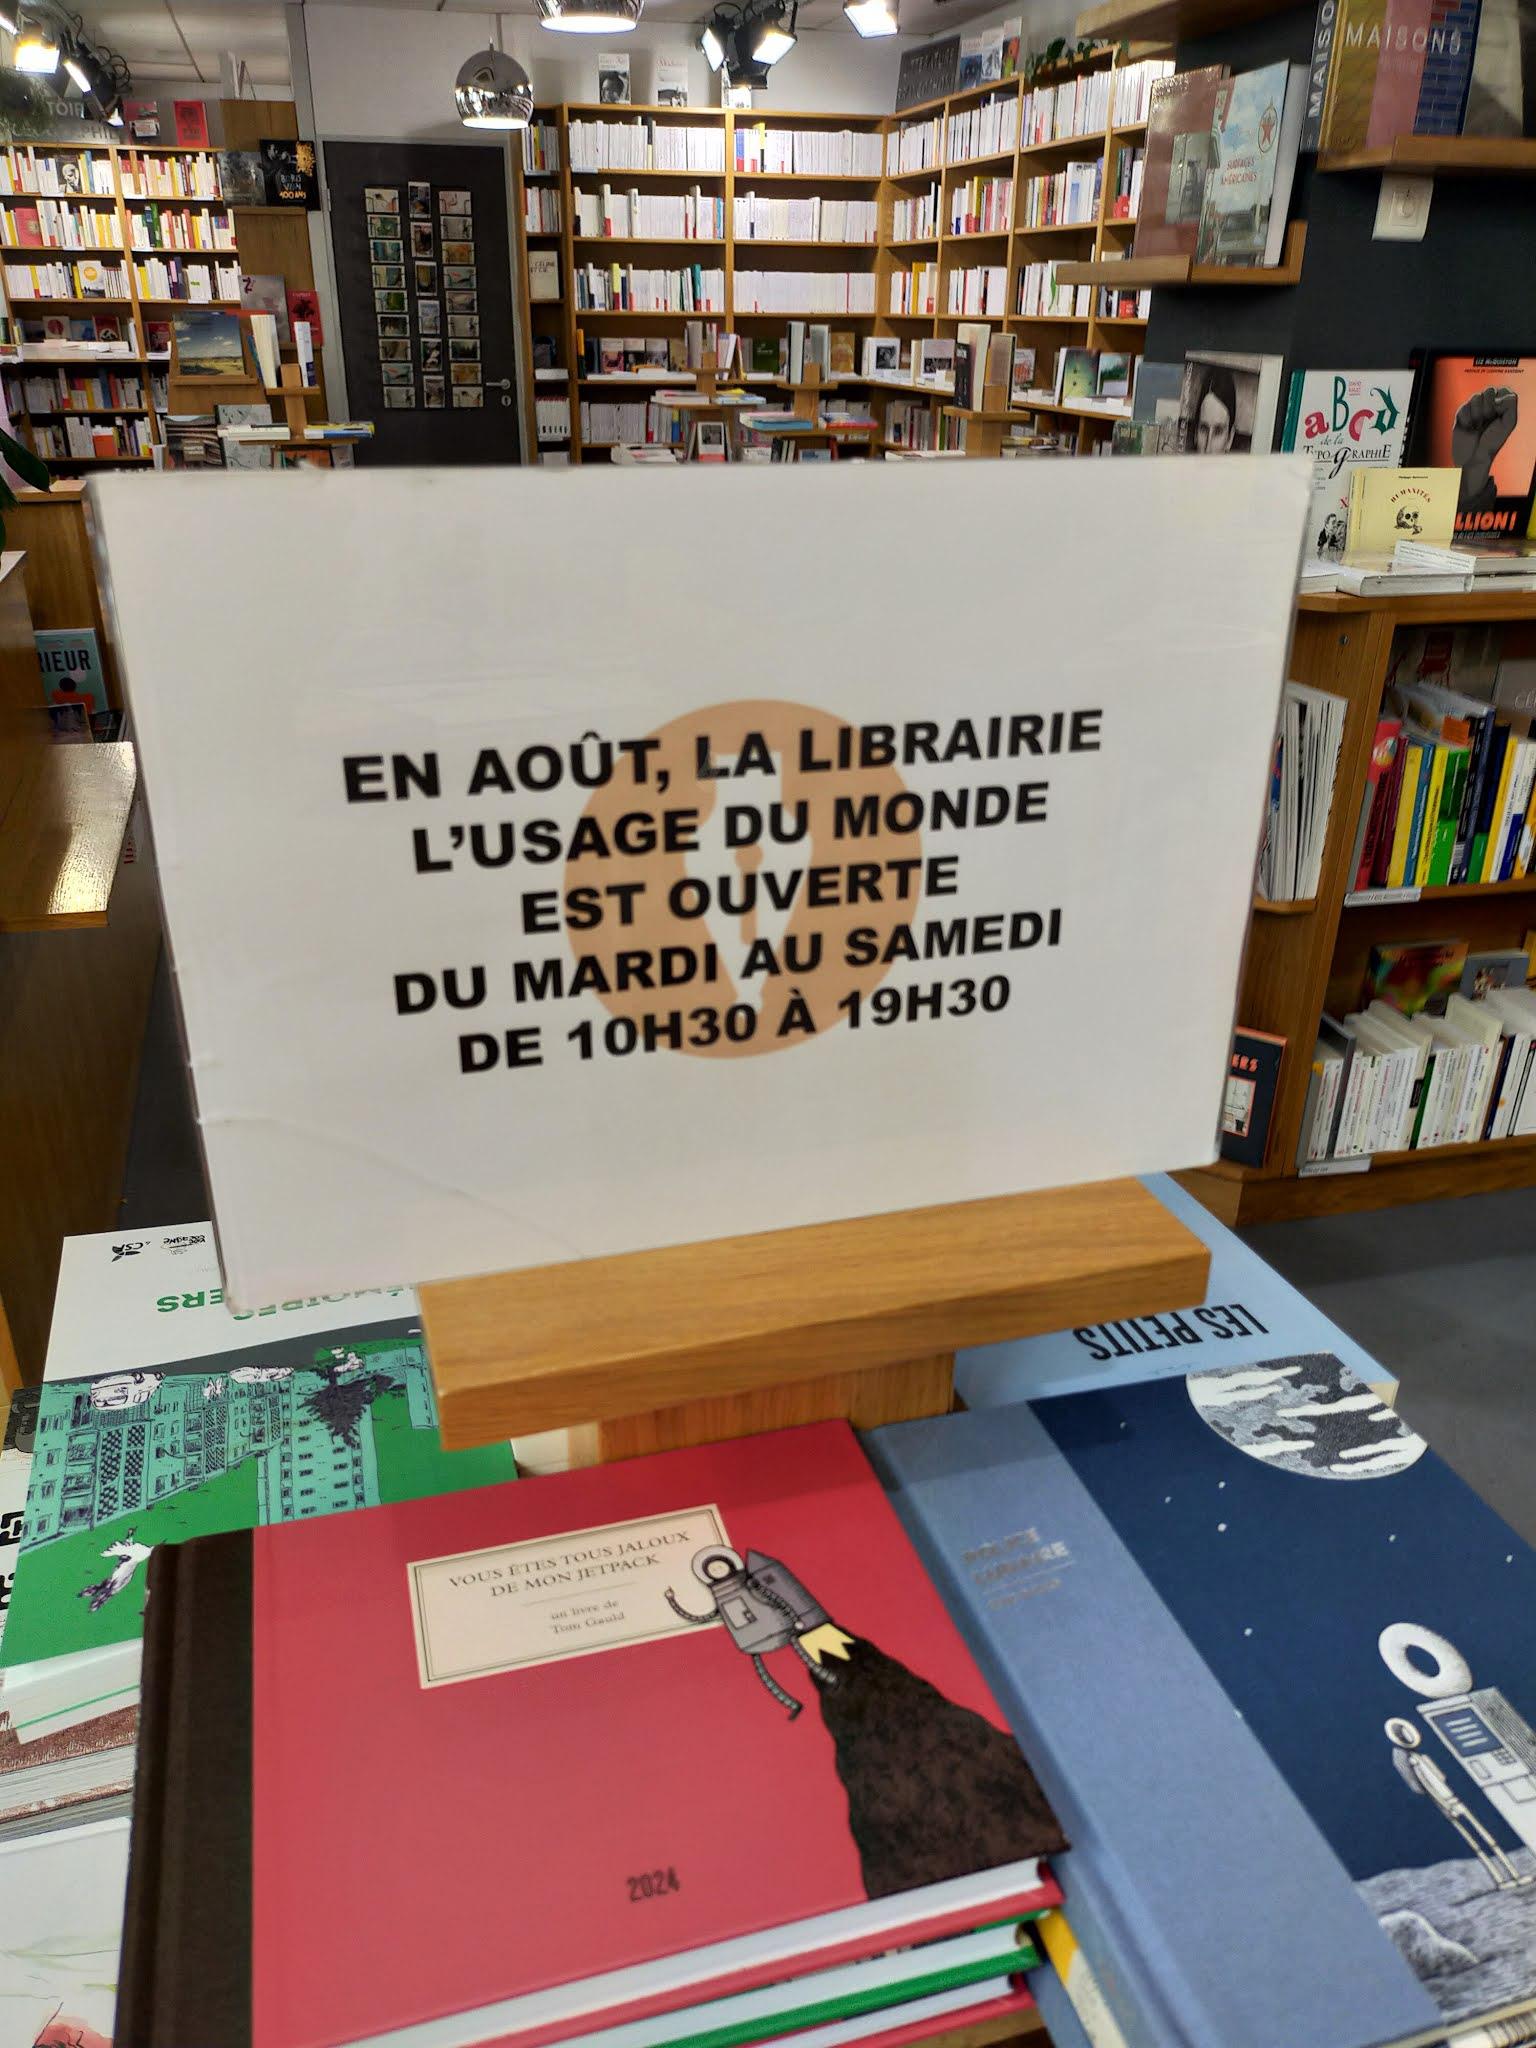 L Usage Du Monde Librairie : usage, monde, librairie, Librairie, L'Usage, Monde, Paris